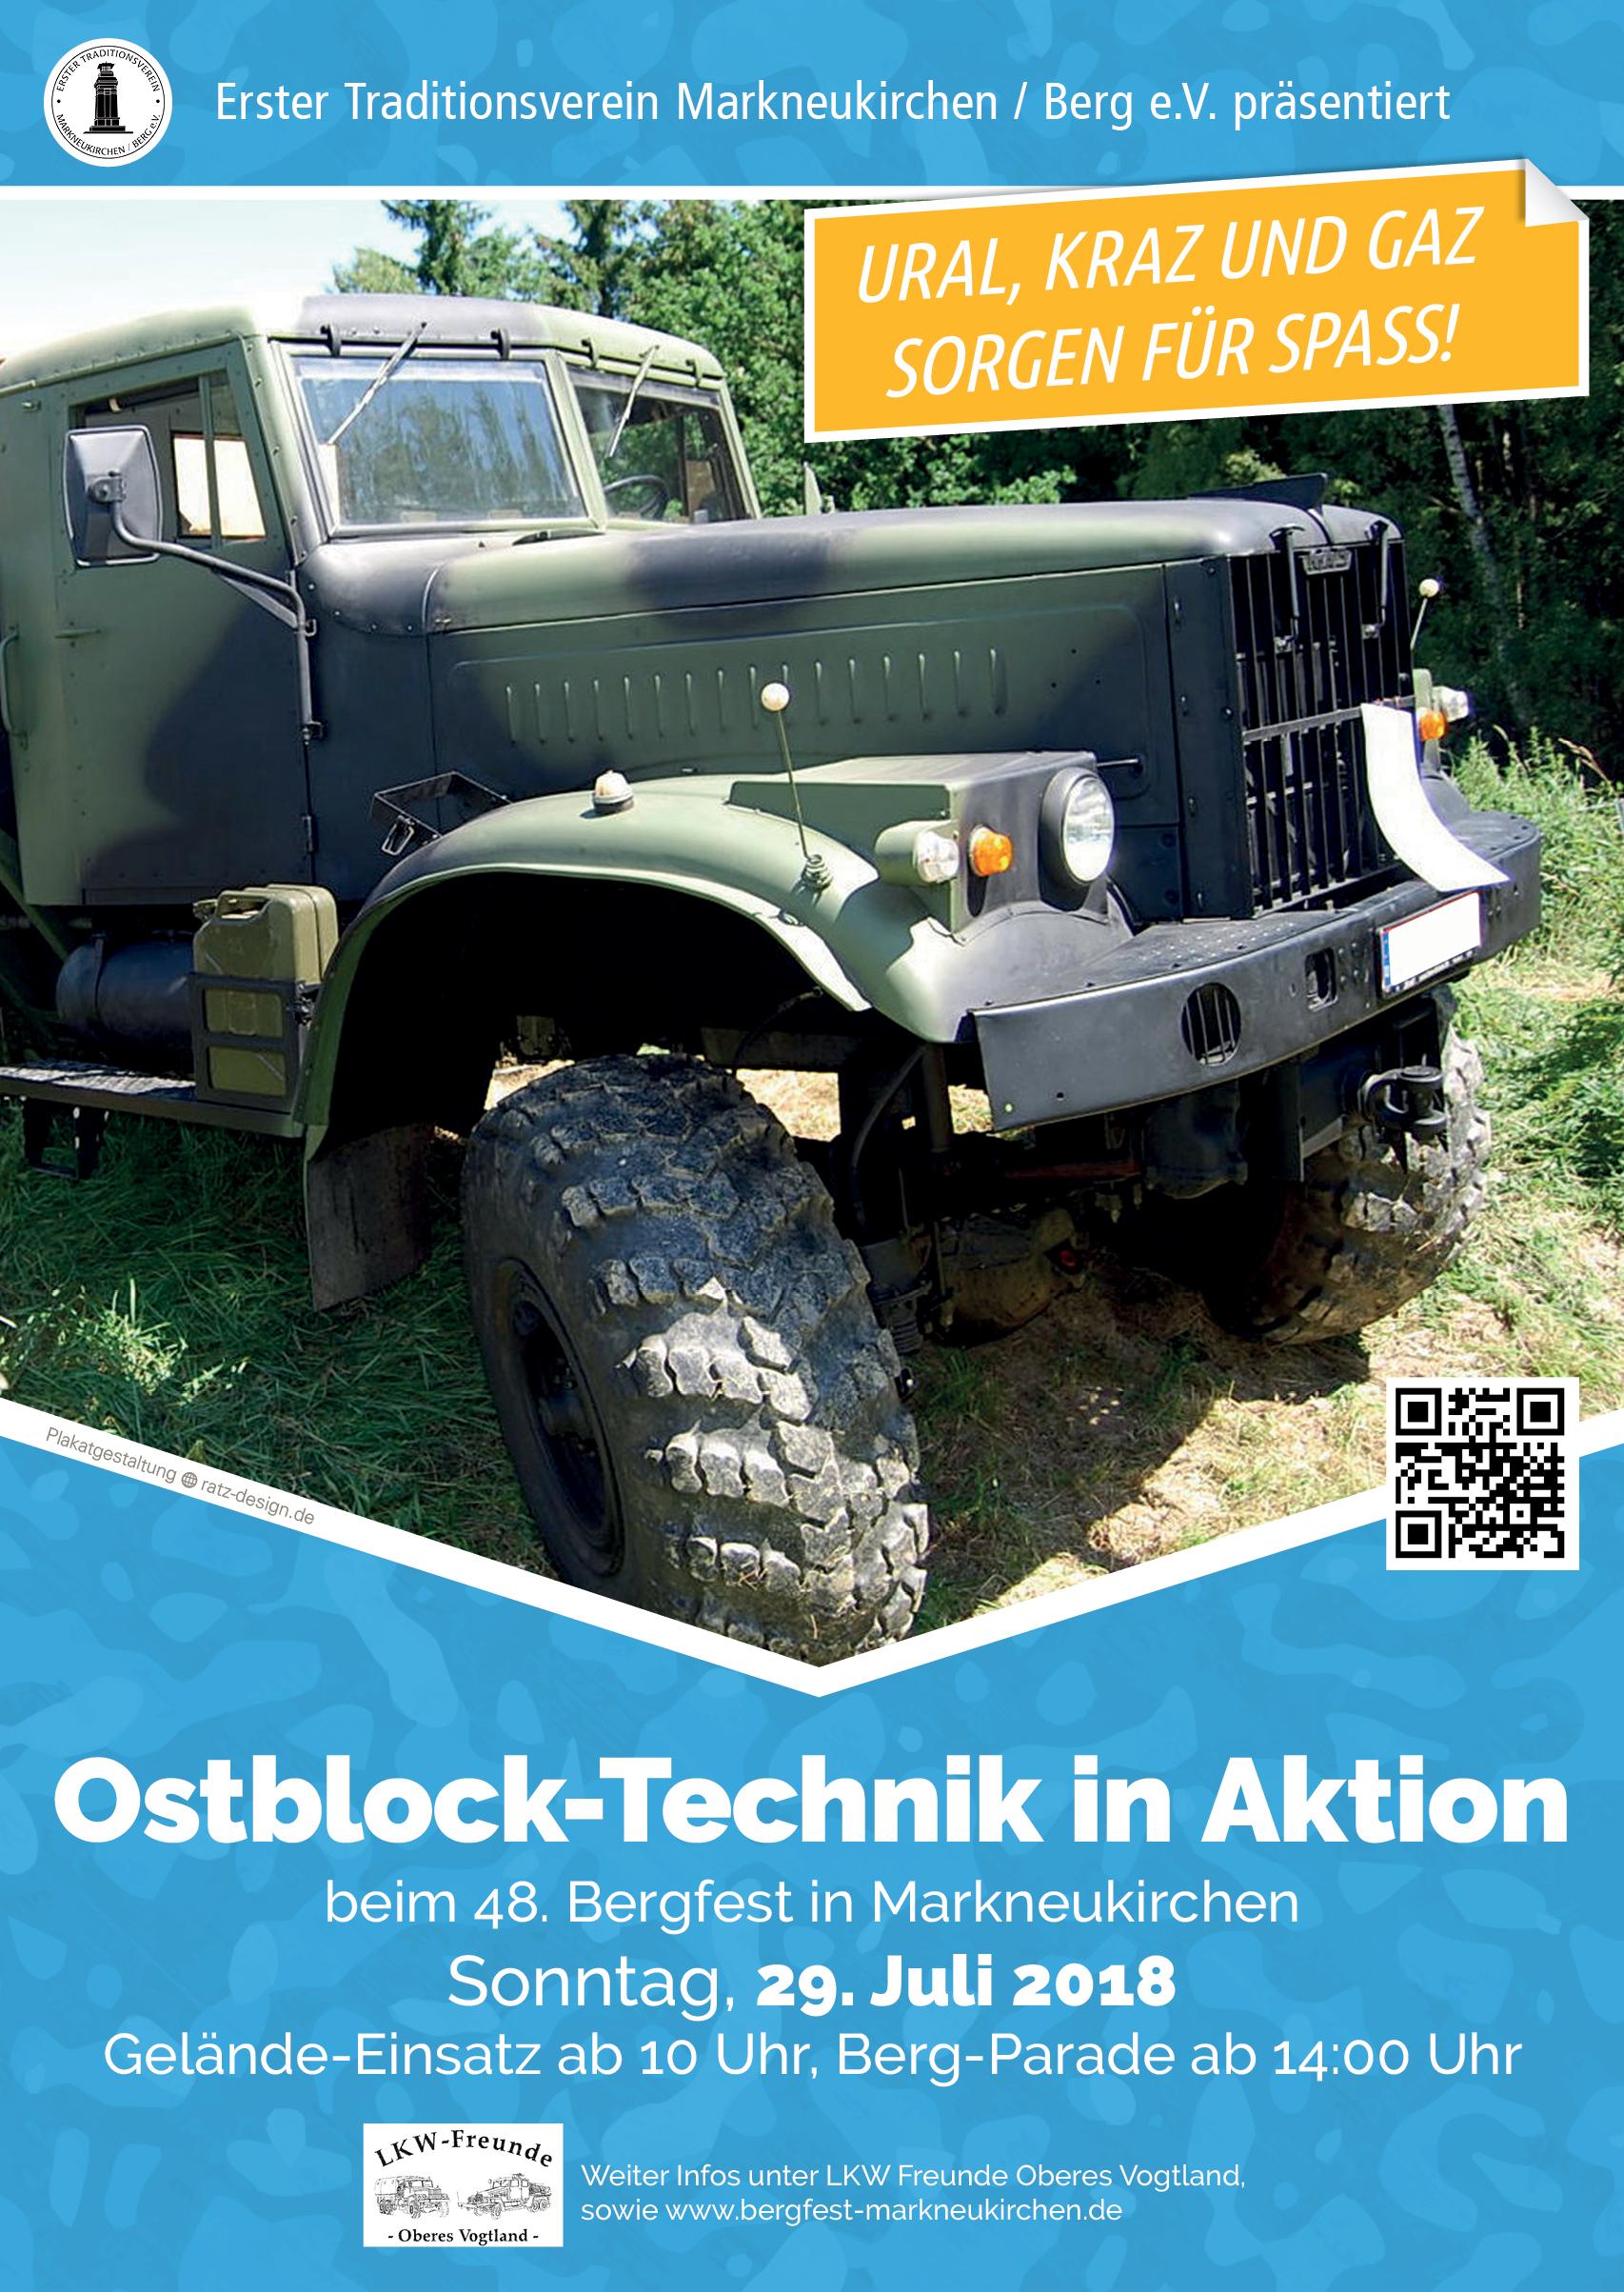 Ostblock-Technik in Aktion zum 48. Begfest in Markneukirchen. Am 29. Juli 2018 - Gelände-Einsatz 10 Uhr & Parade 14 Uhr